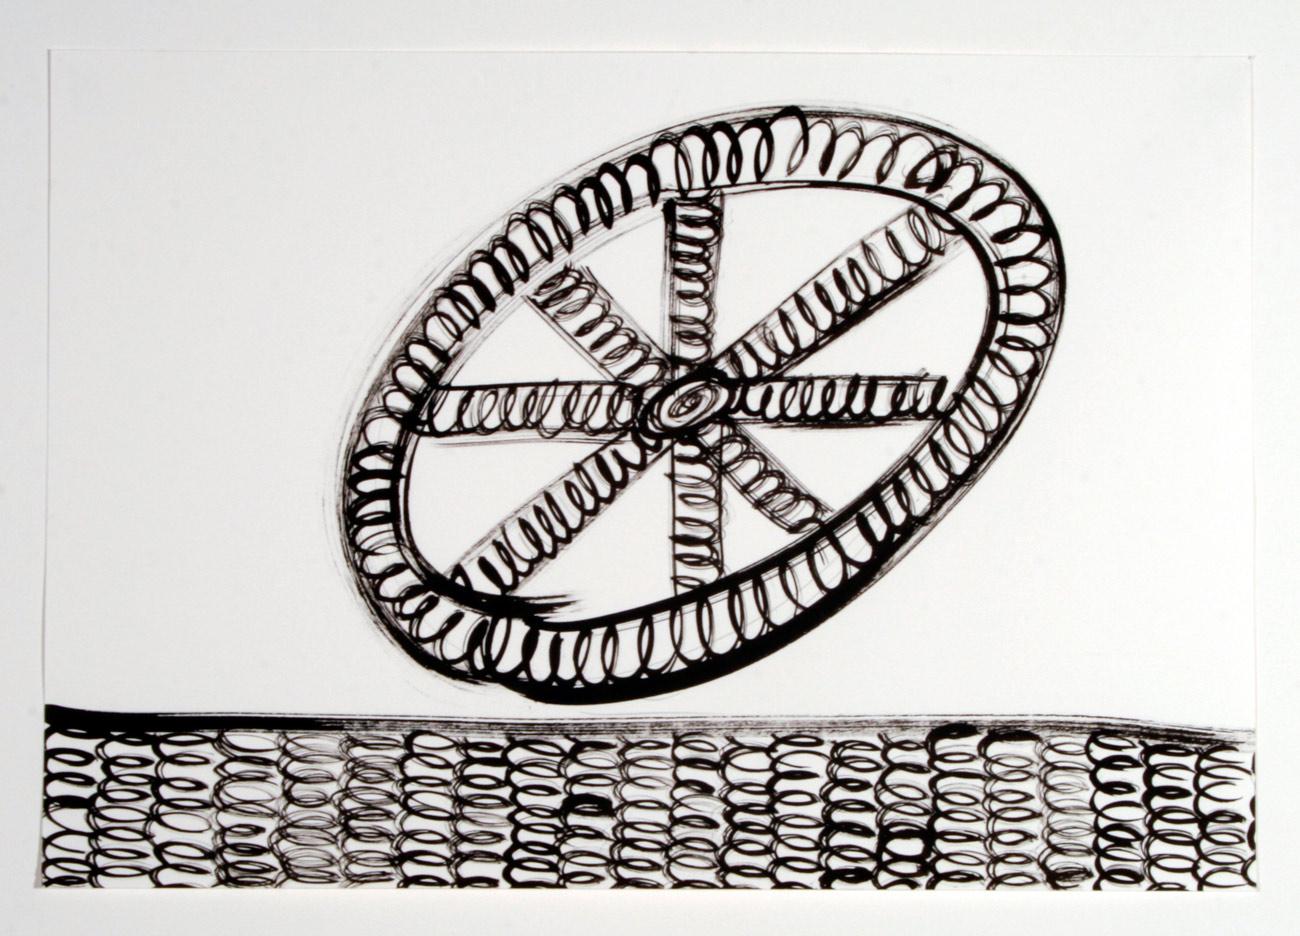 sam-porritt-italic-wheel-2012